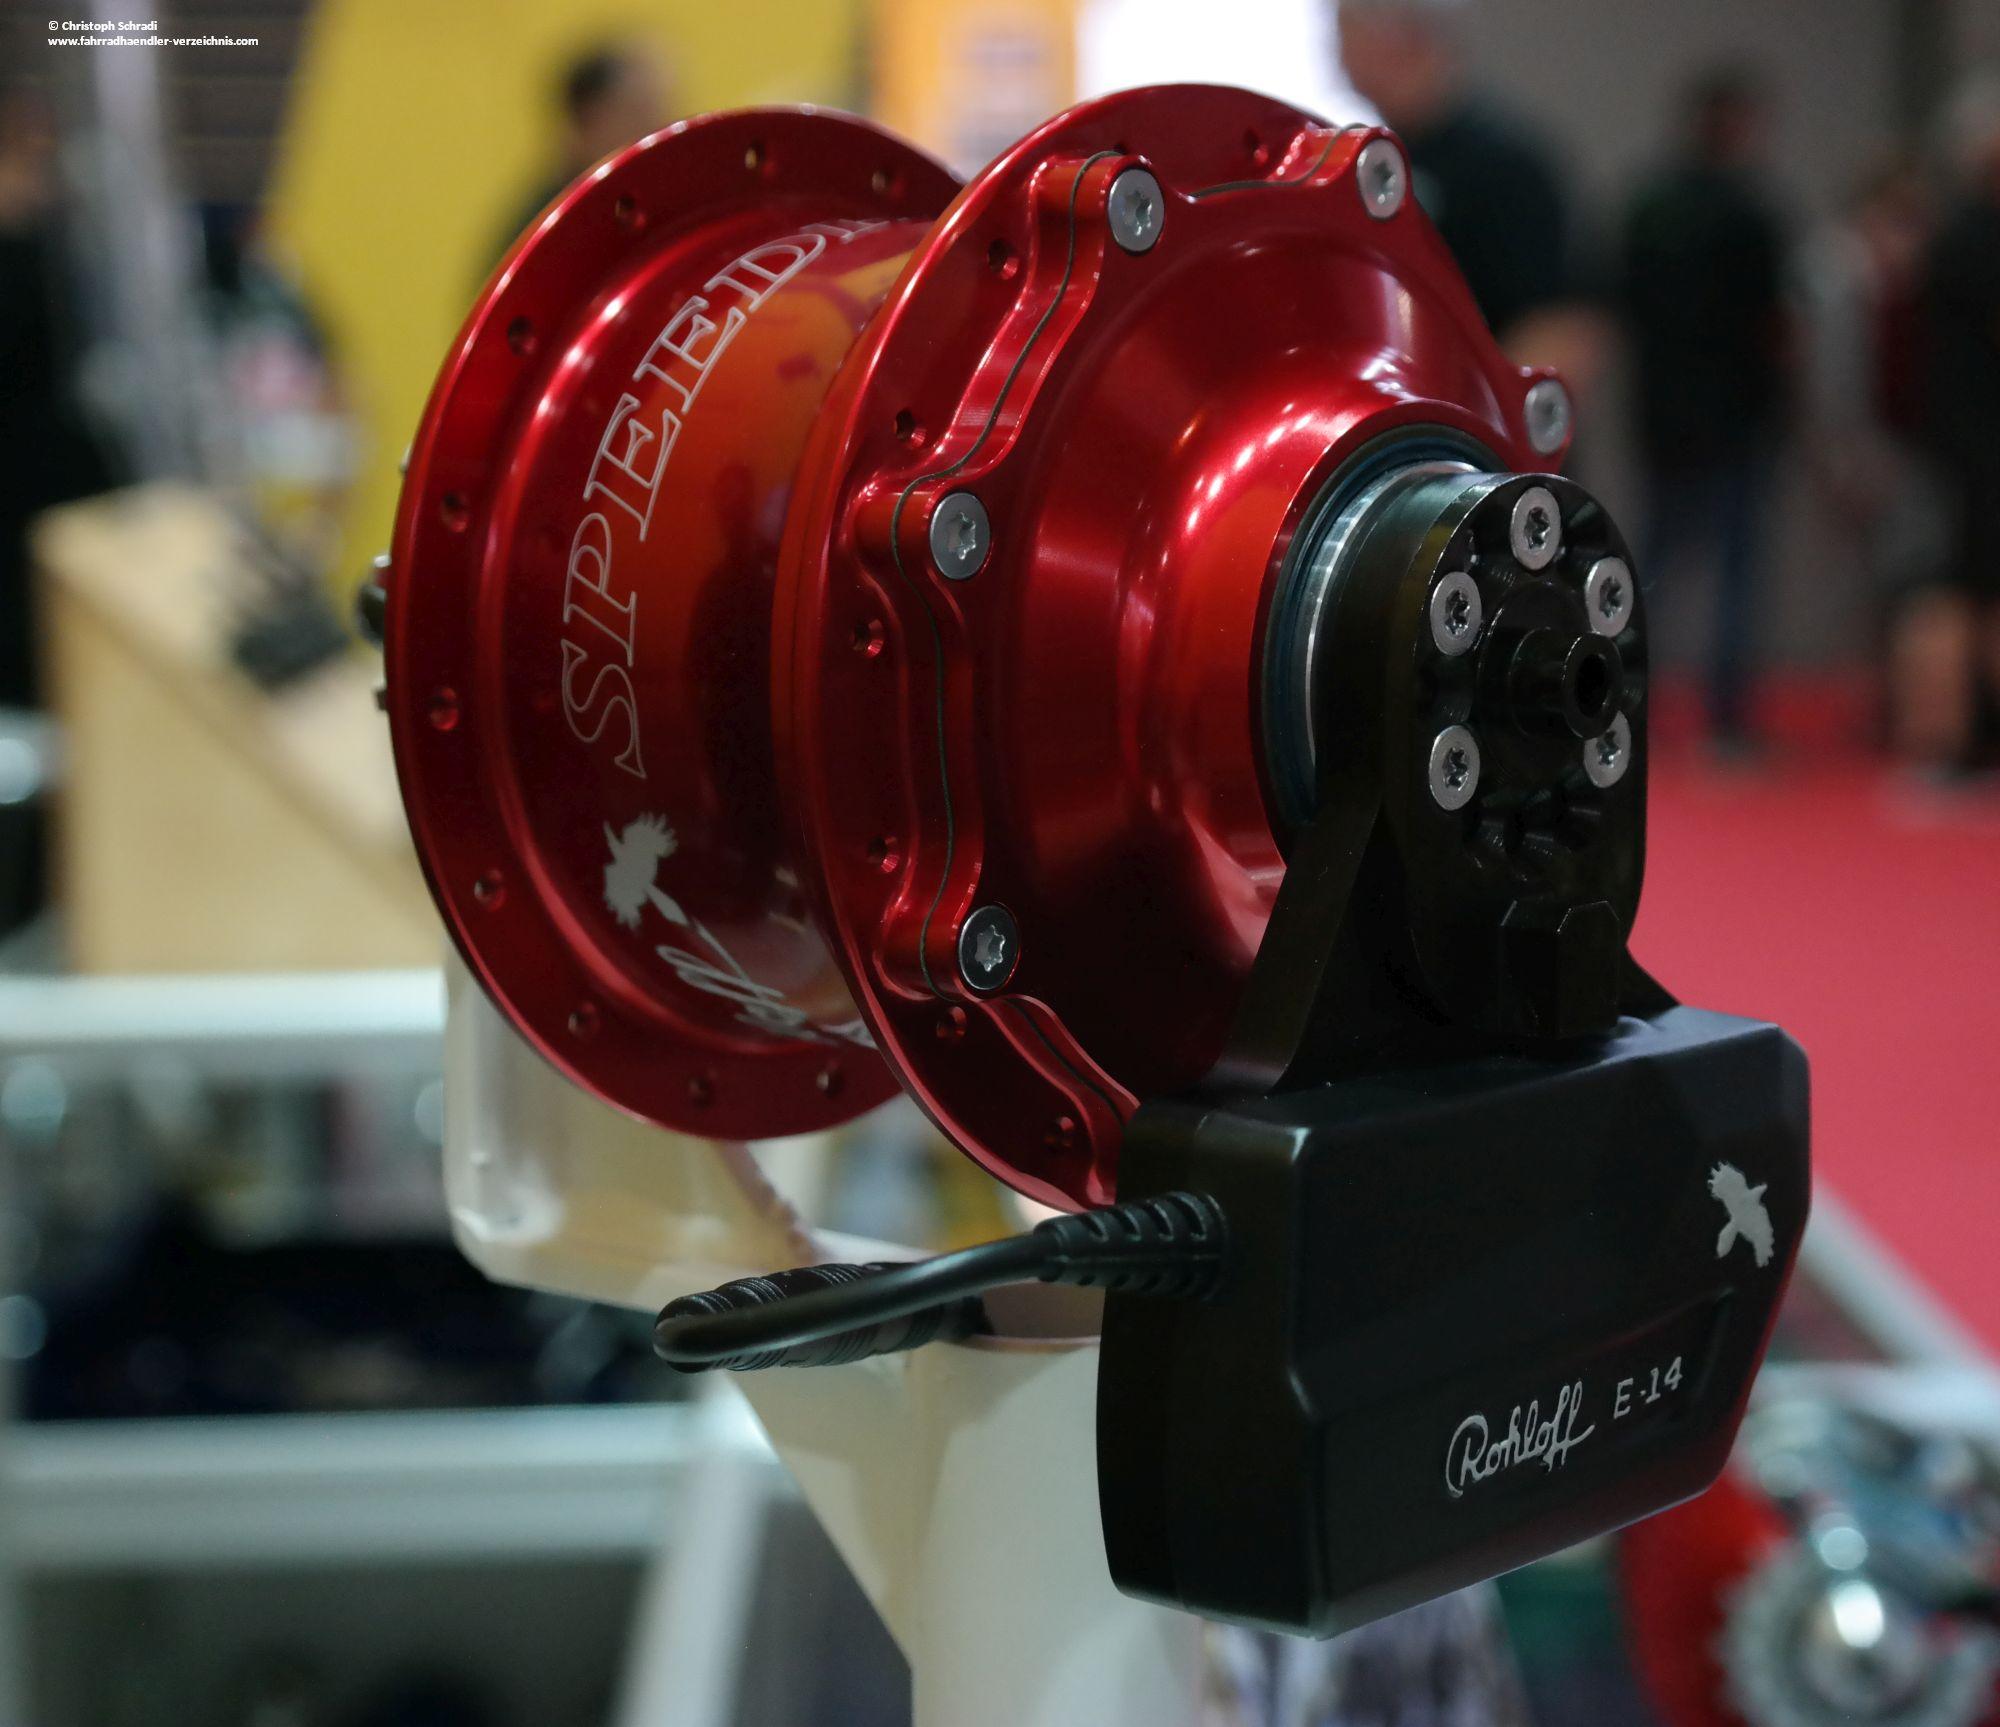 Rohloff E-14 - Rohloff für 2018 als elektrische Version erhältlich